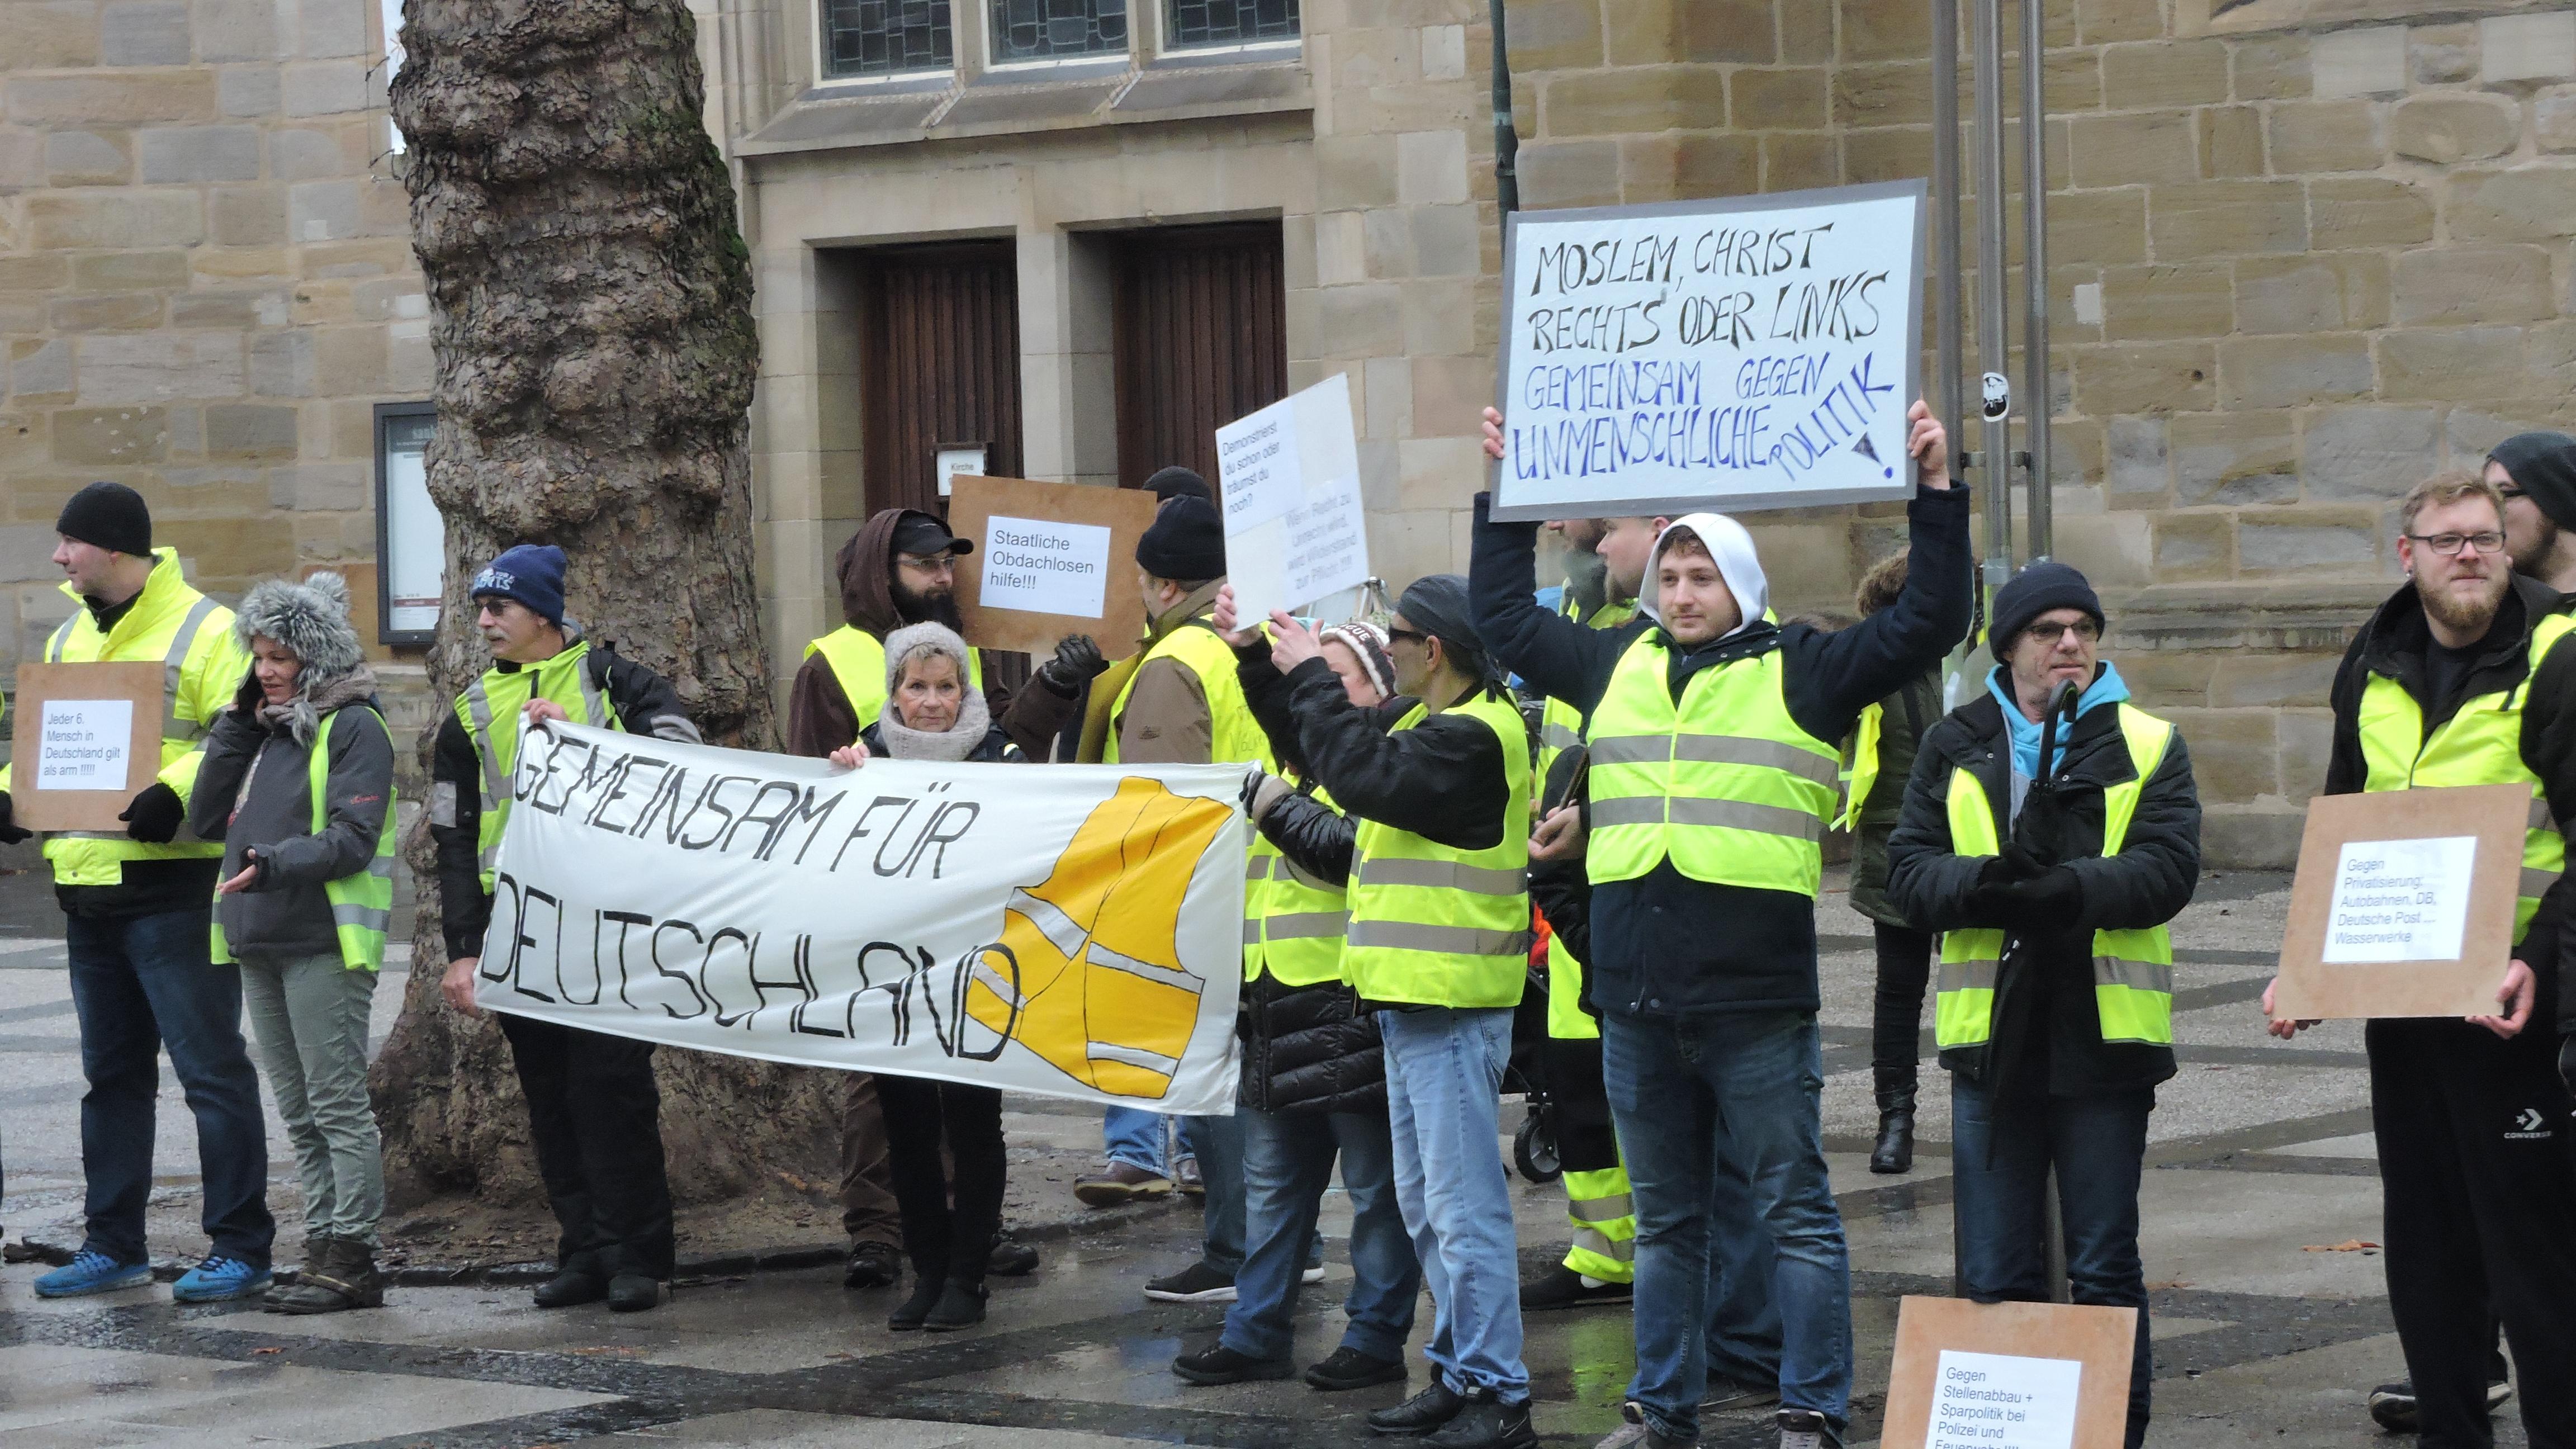 Bild der Kundgebung vor der reinoldikirche in Dortmund